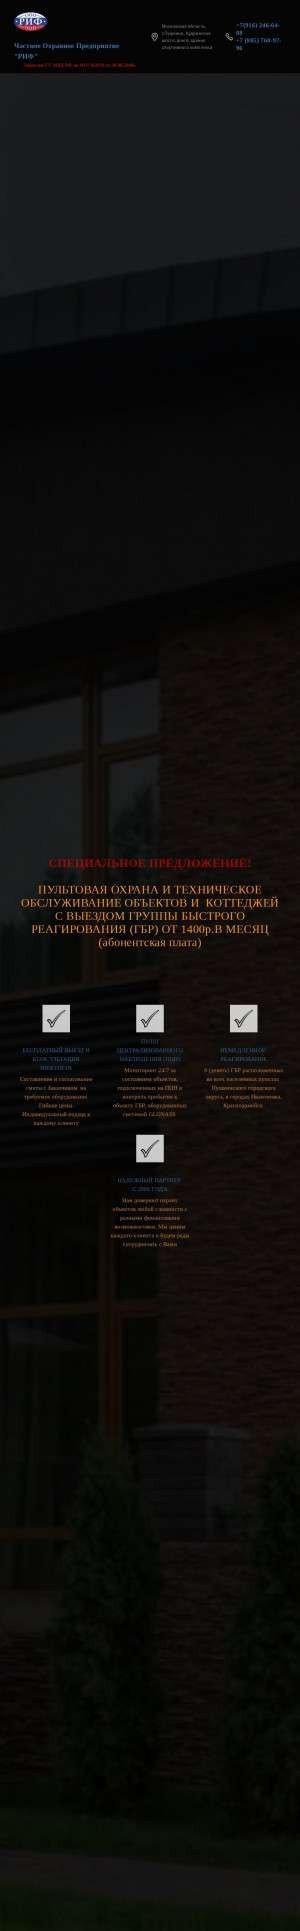 Предпросмотр для охрана-риф.рф — ЧОП - Риф